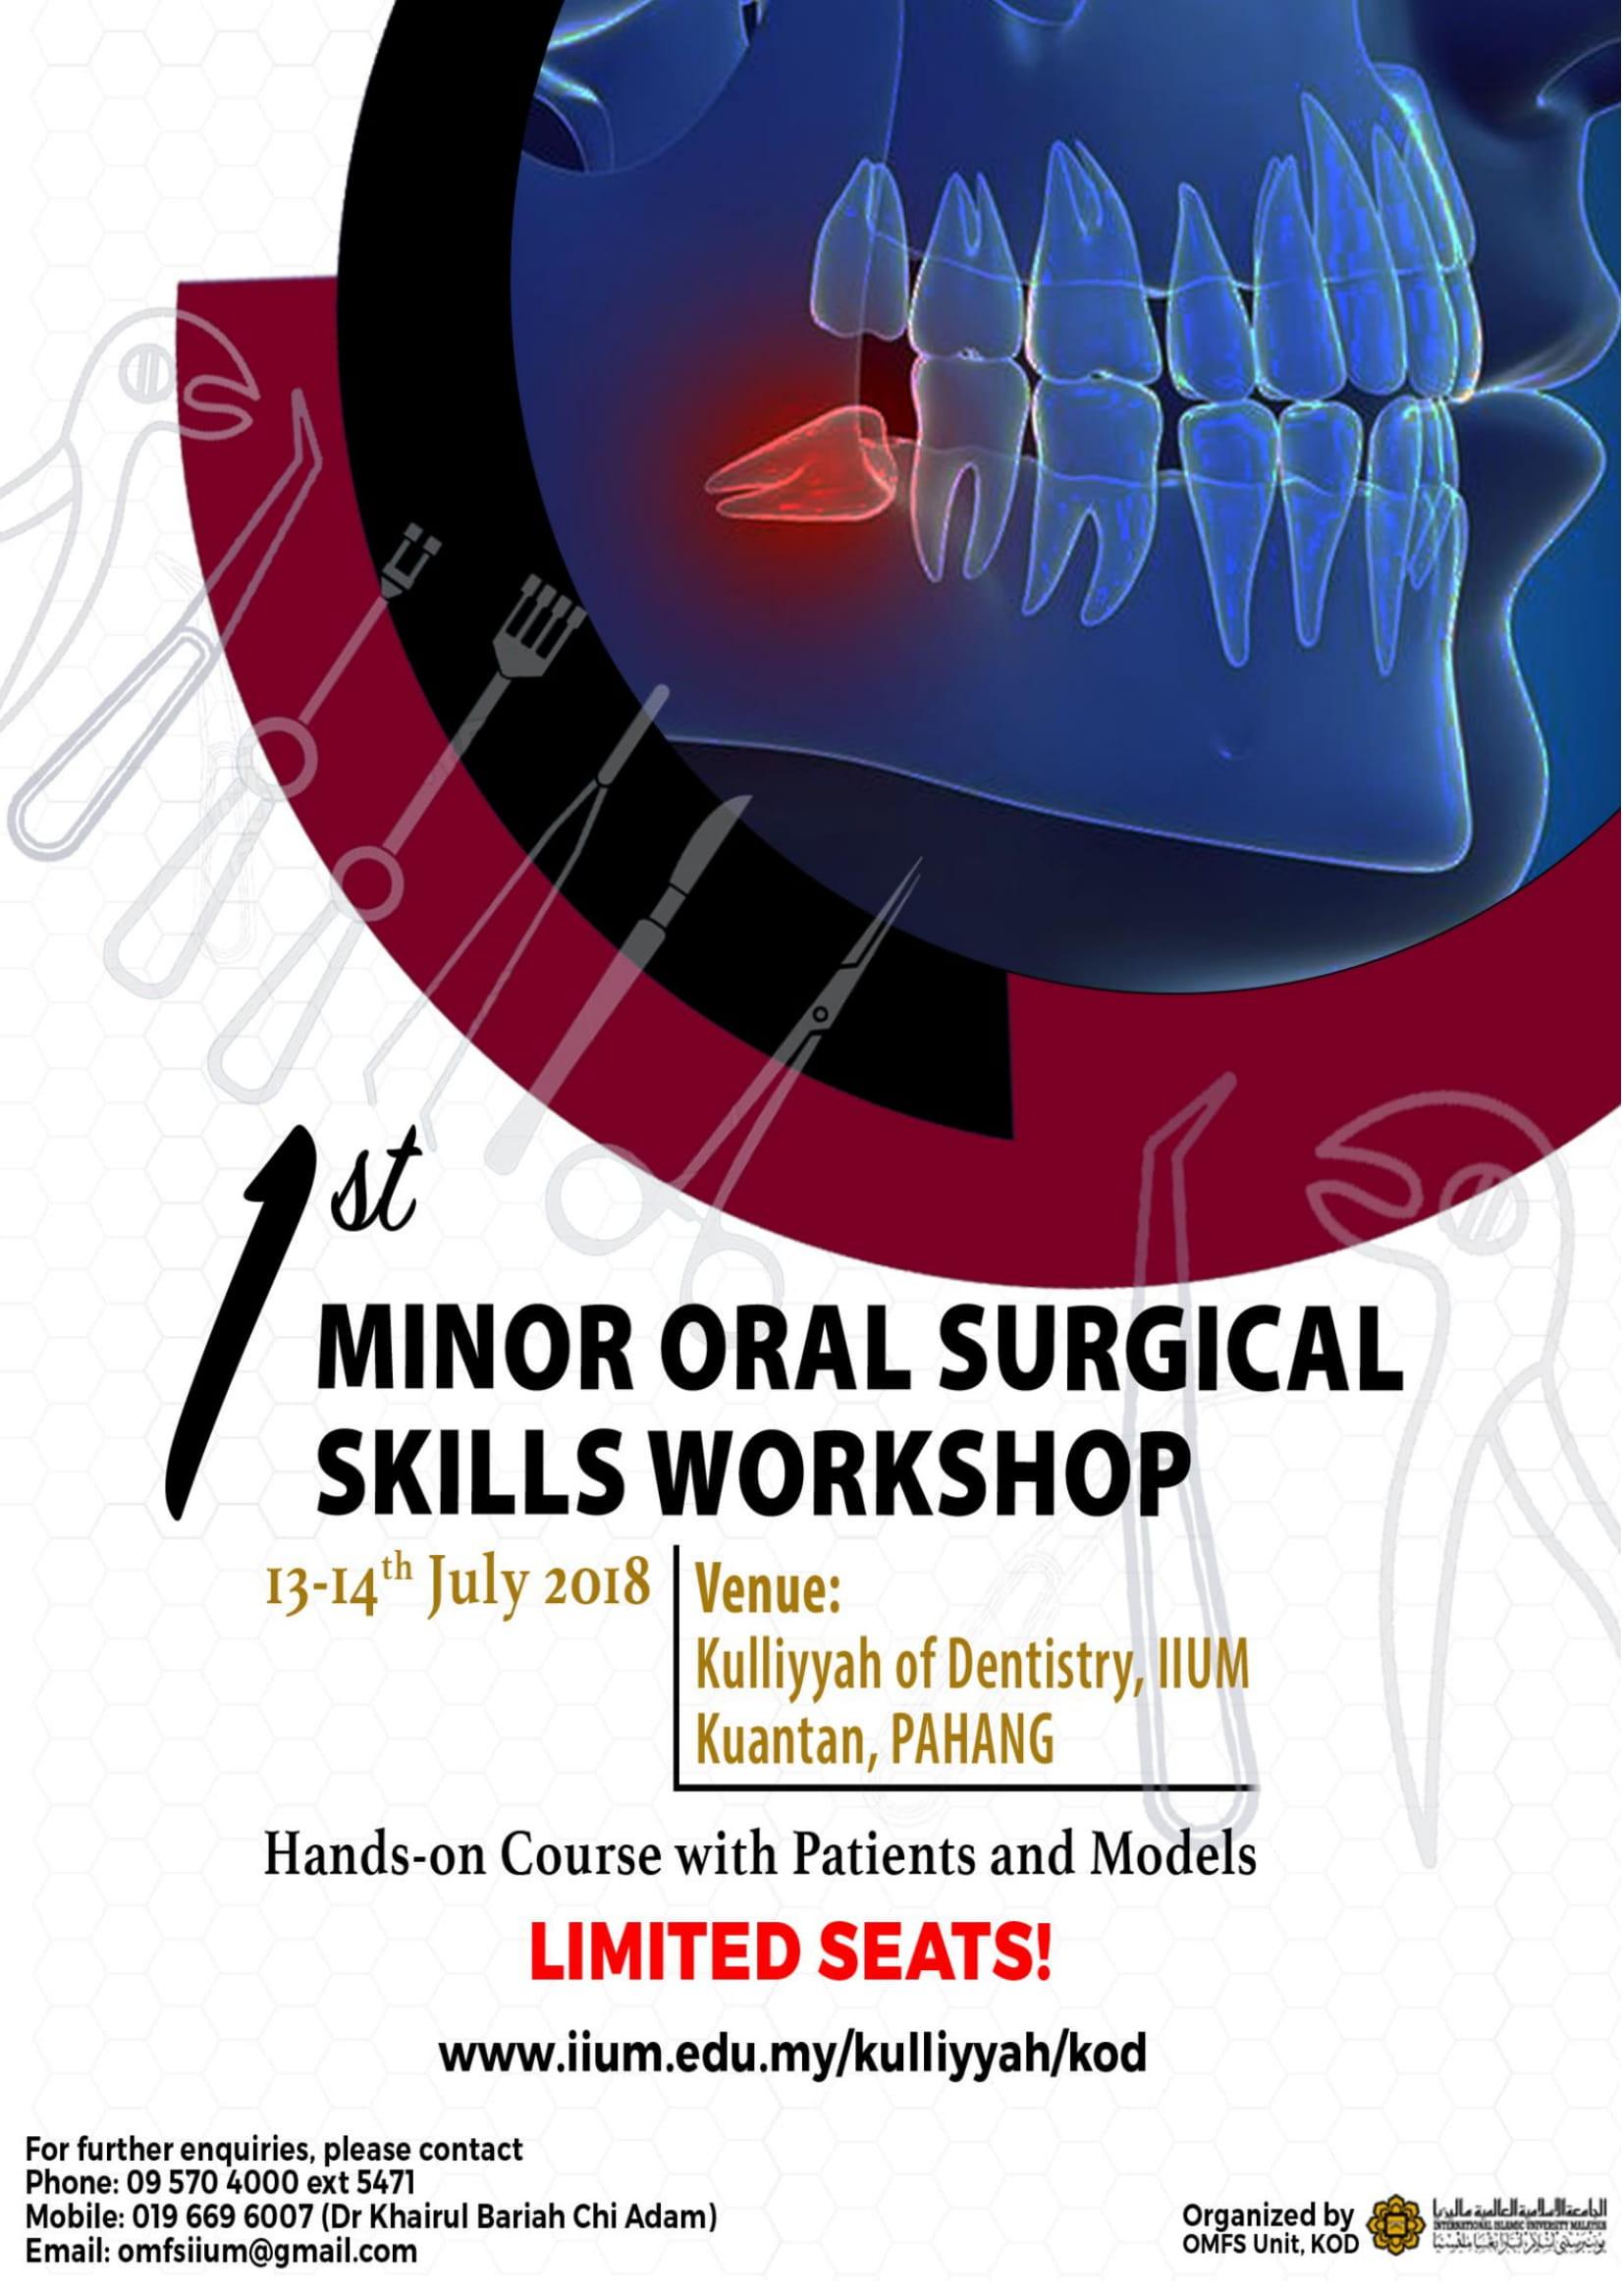 1st Minor Oral Surgical Skills Workshop